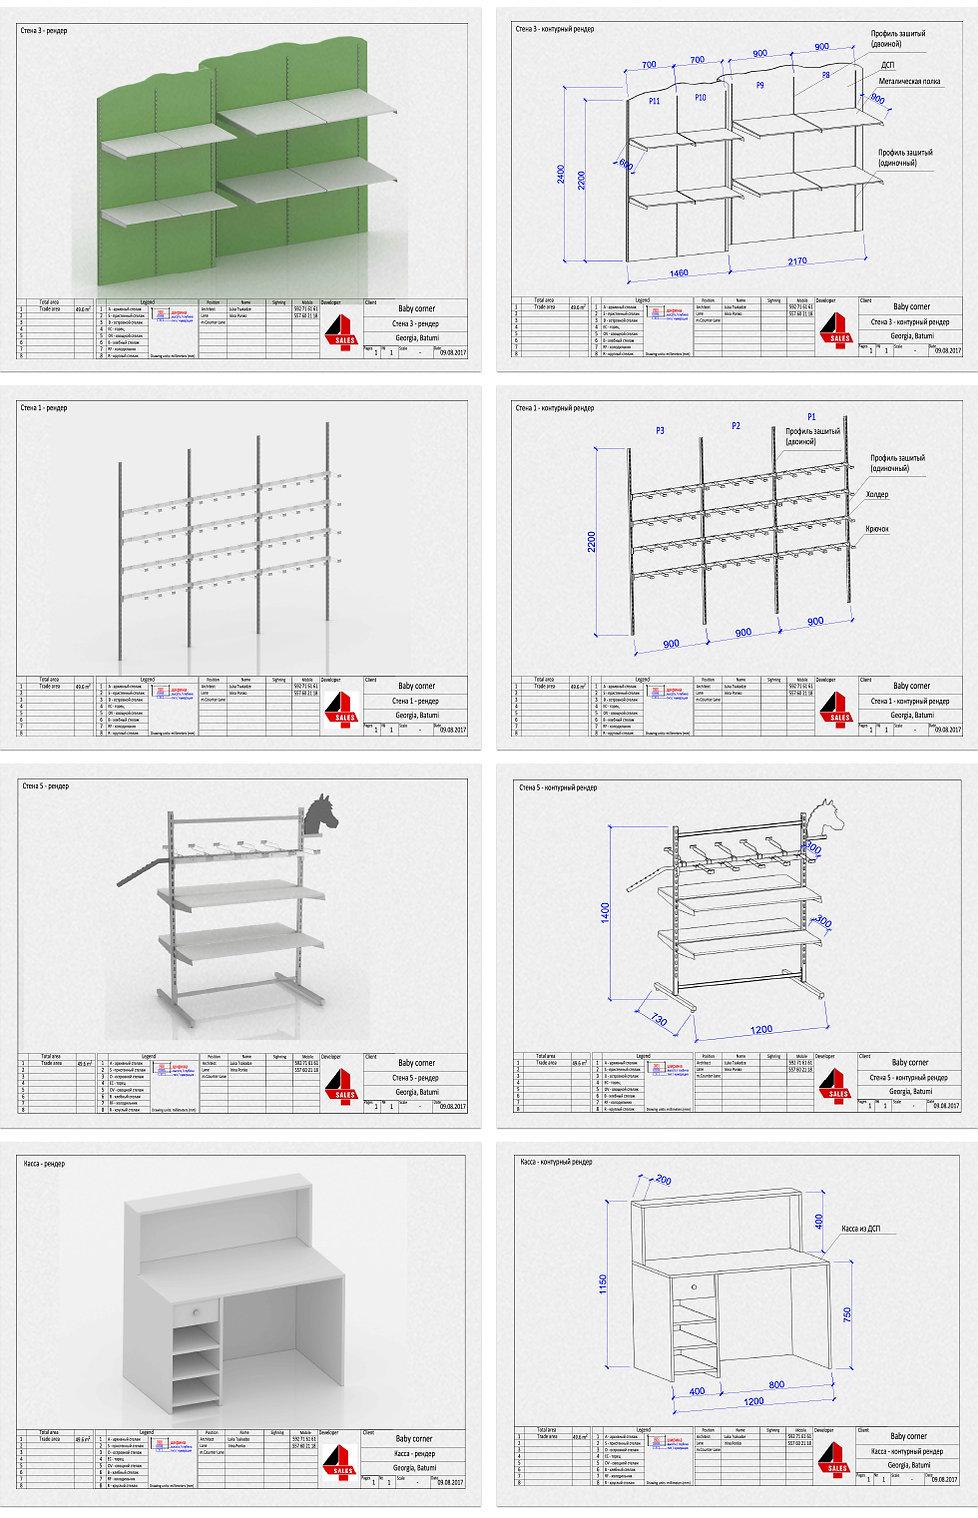 06 სავაჭრო აღჭურვილობის დიზაინი.jpg